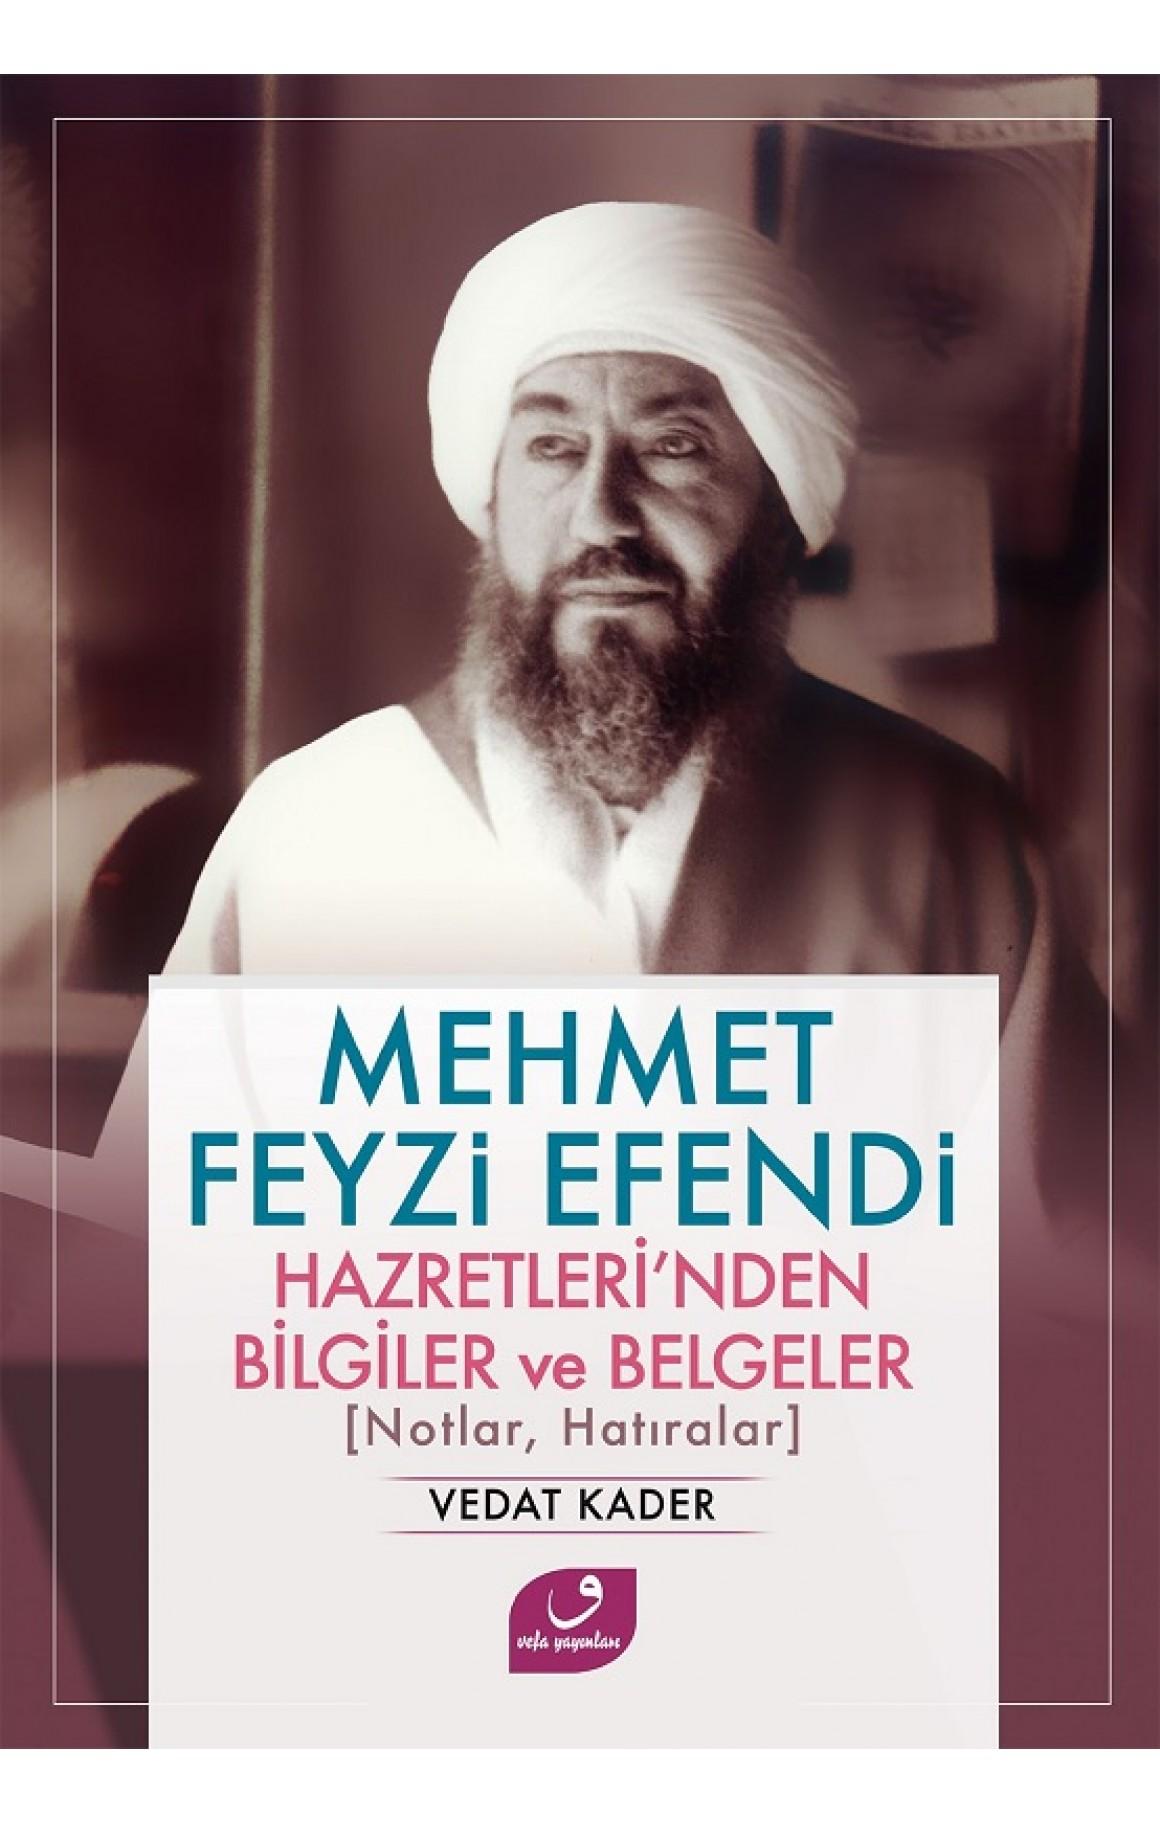 Mehmet Feyzi Efendi Hazretleri'nden Bilgiler ve Belgeler